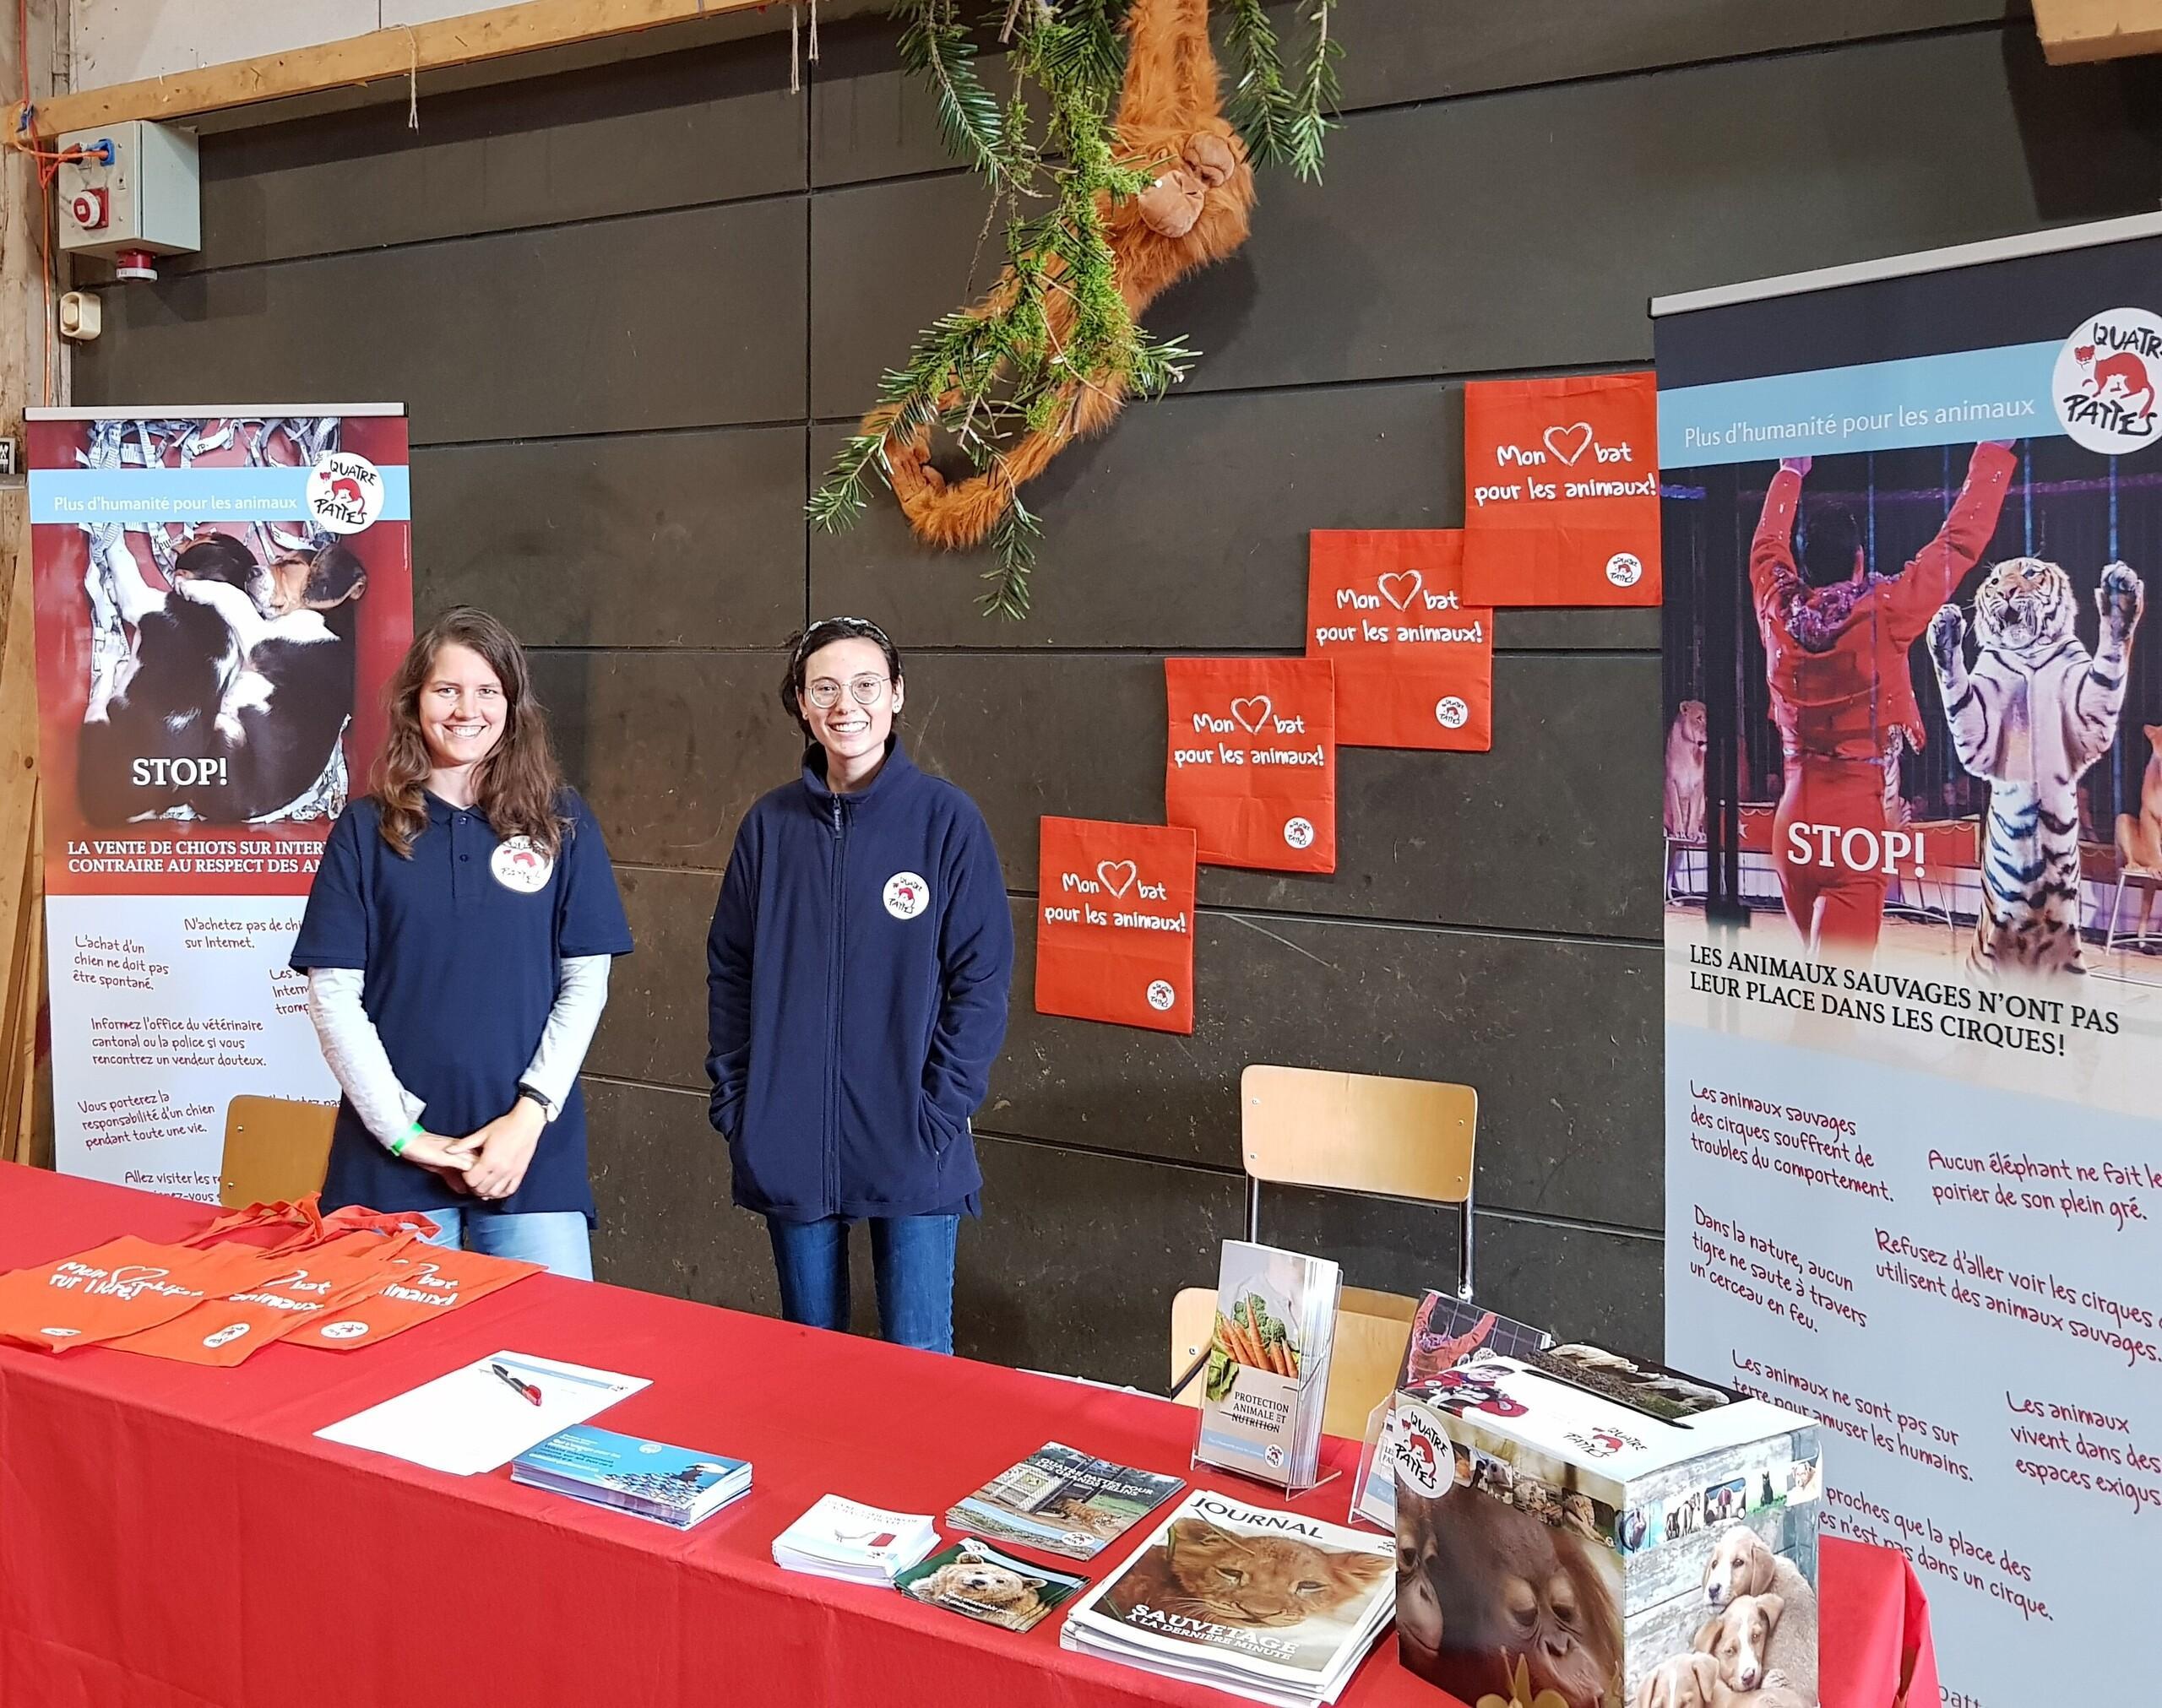 QUATRE PATTES participe à la deuxième édition du salon Terr-animale à Saignelégier